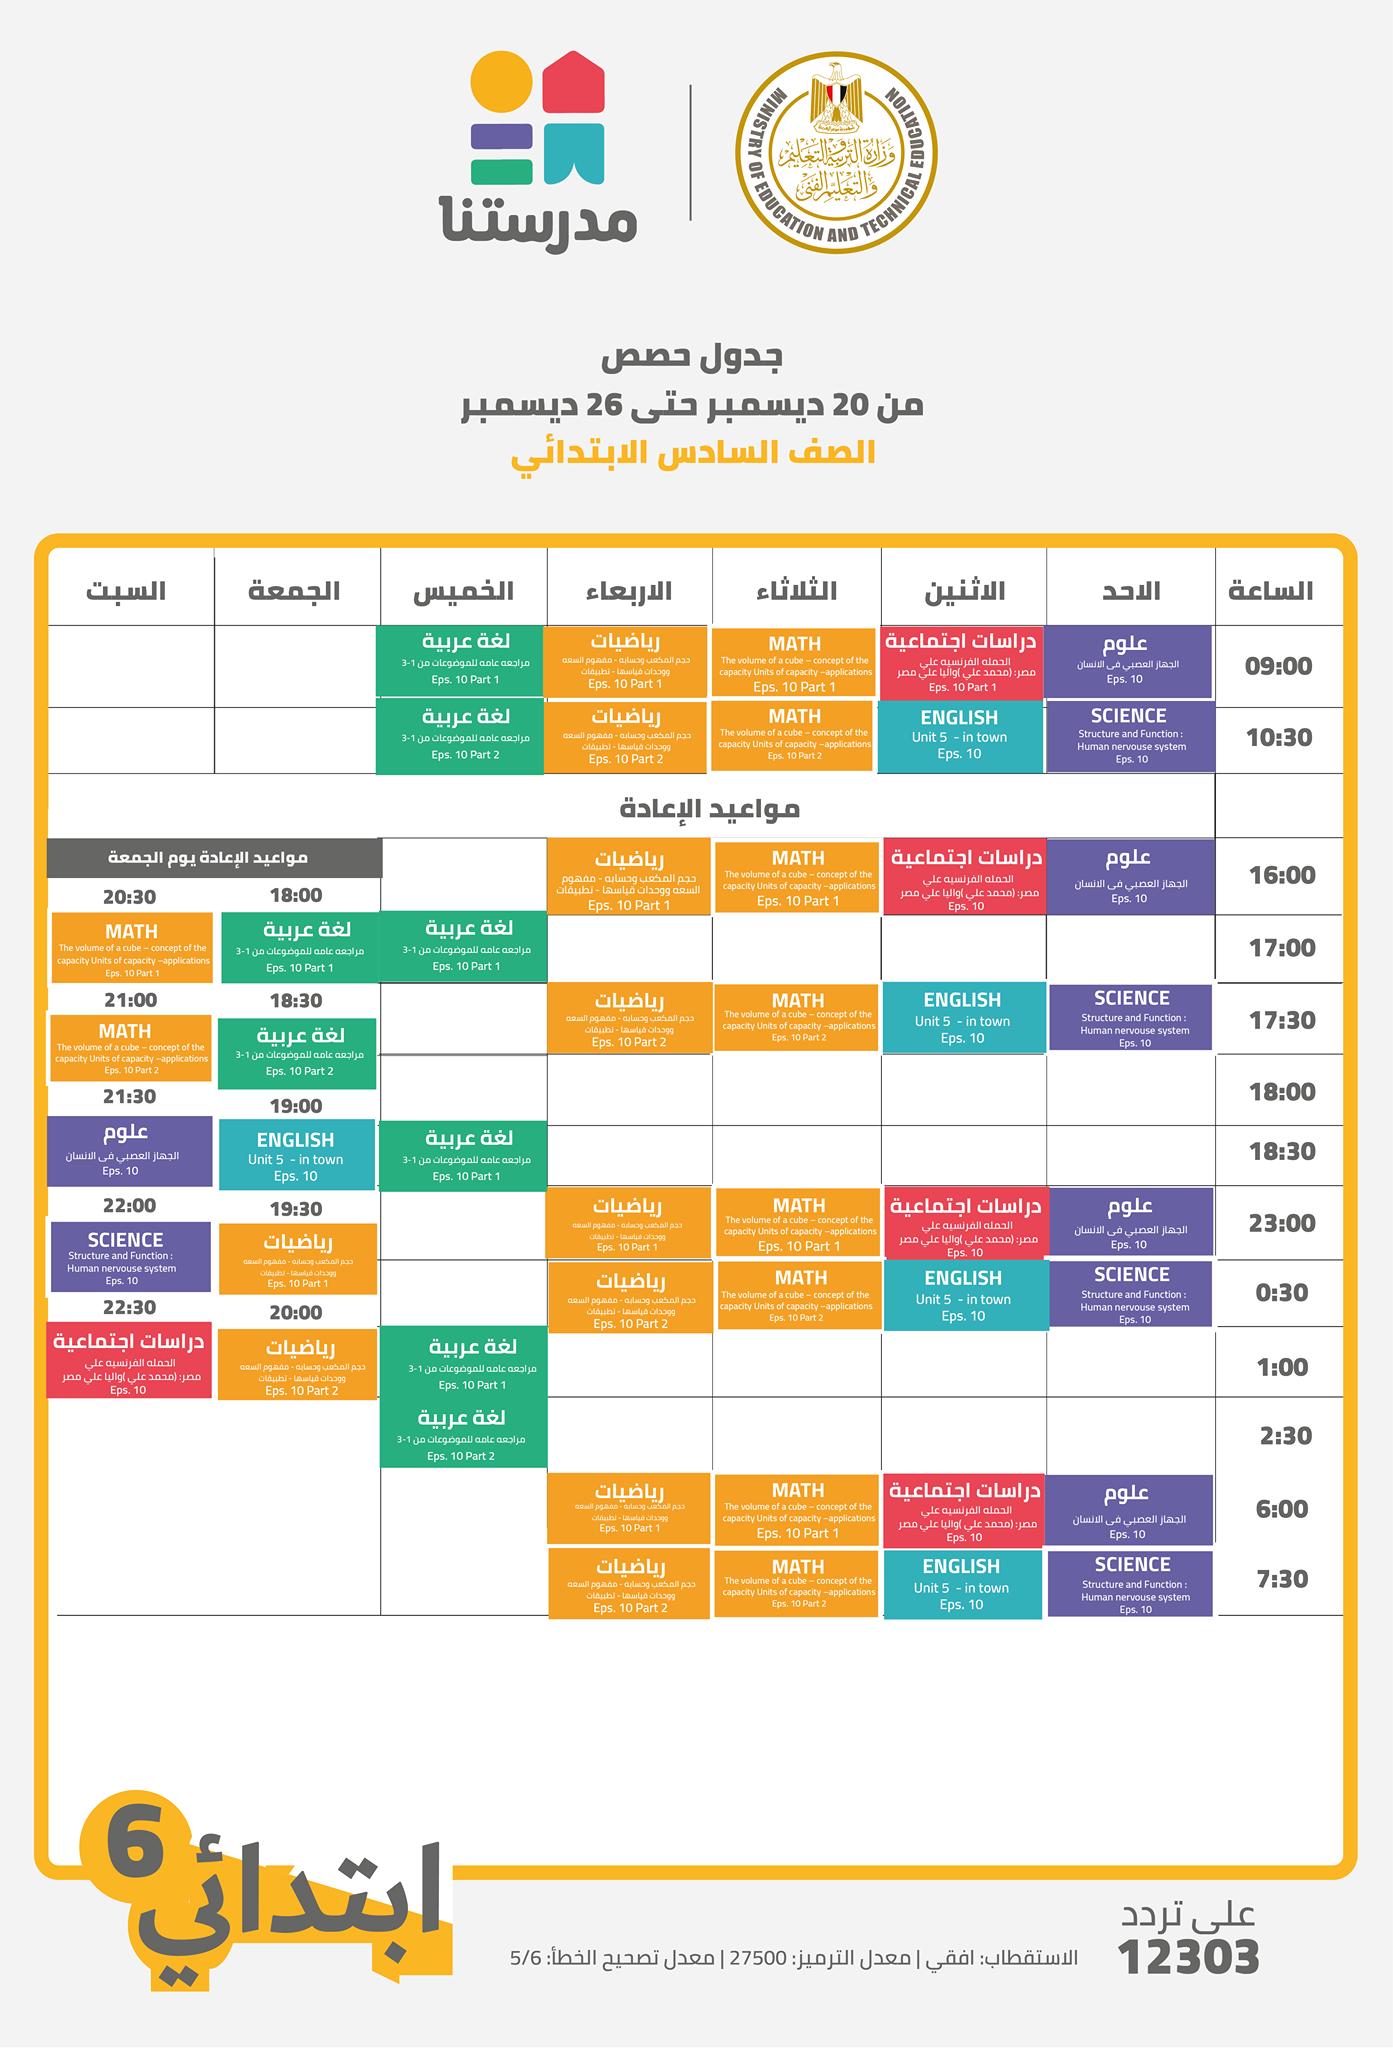 جدول مواعيد البرامج التعليمية علي قناة مدرستنا التعليمية من 20 إلي 26 ديسمبر 2020 3